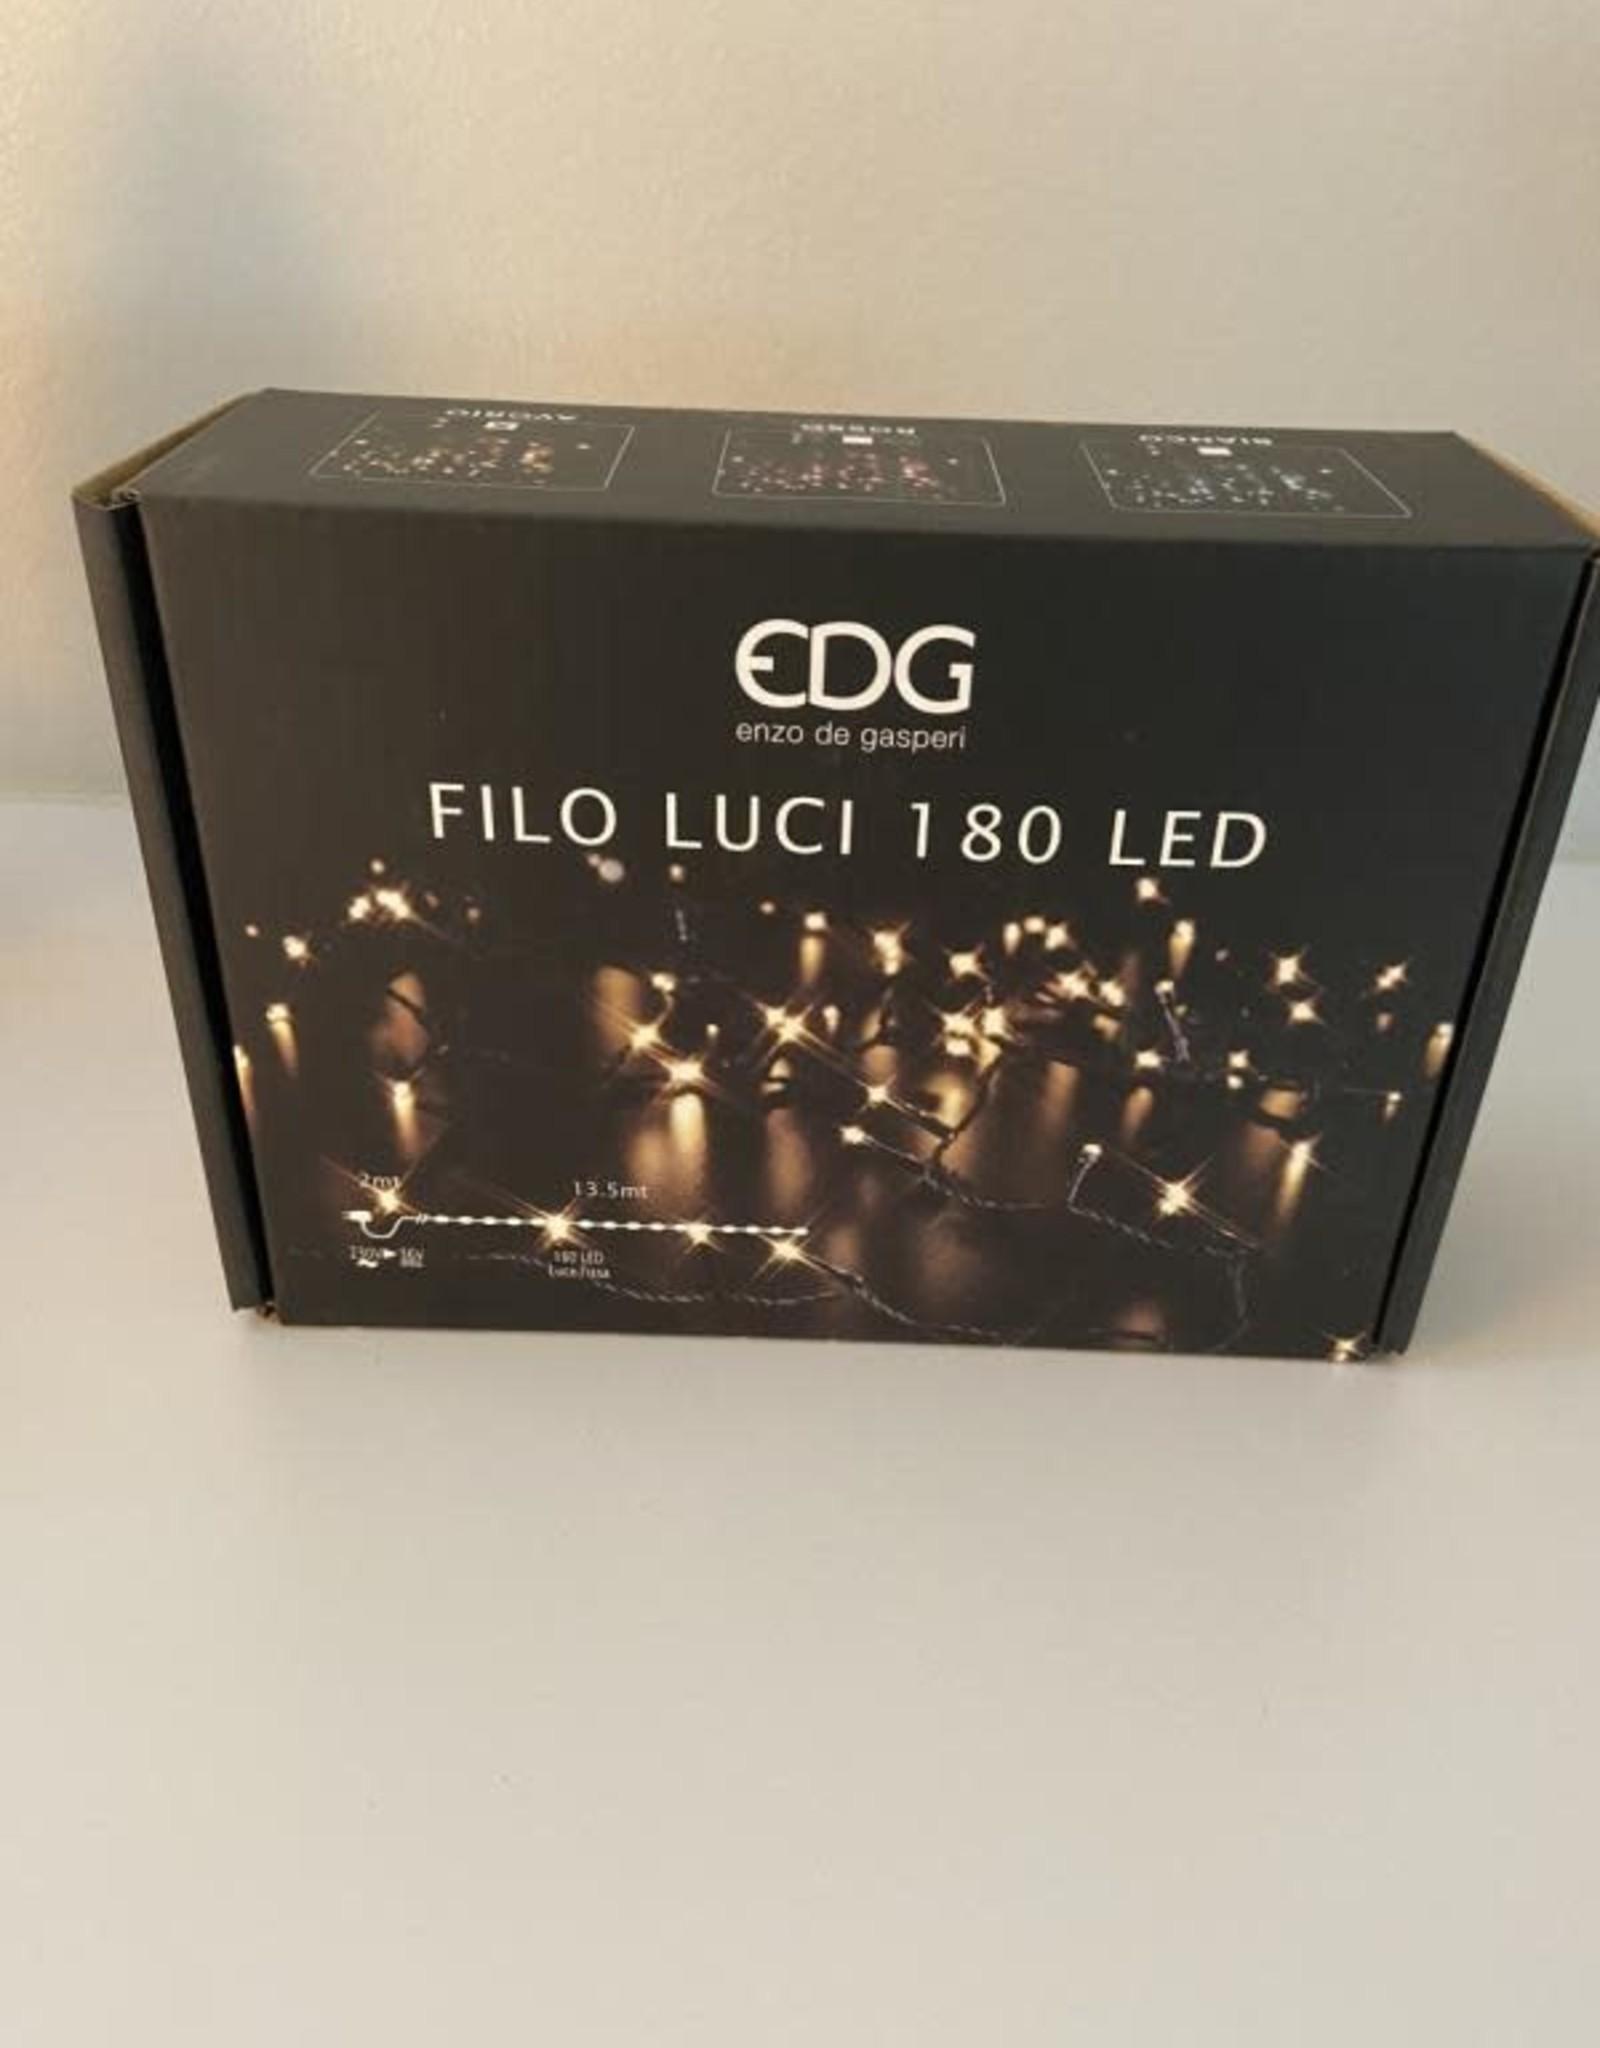 EDG Kerstverlichting 180 LED